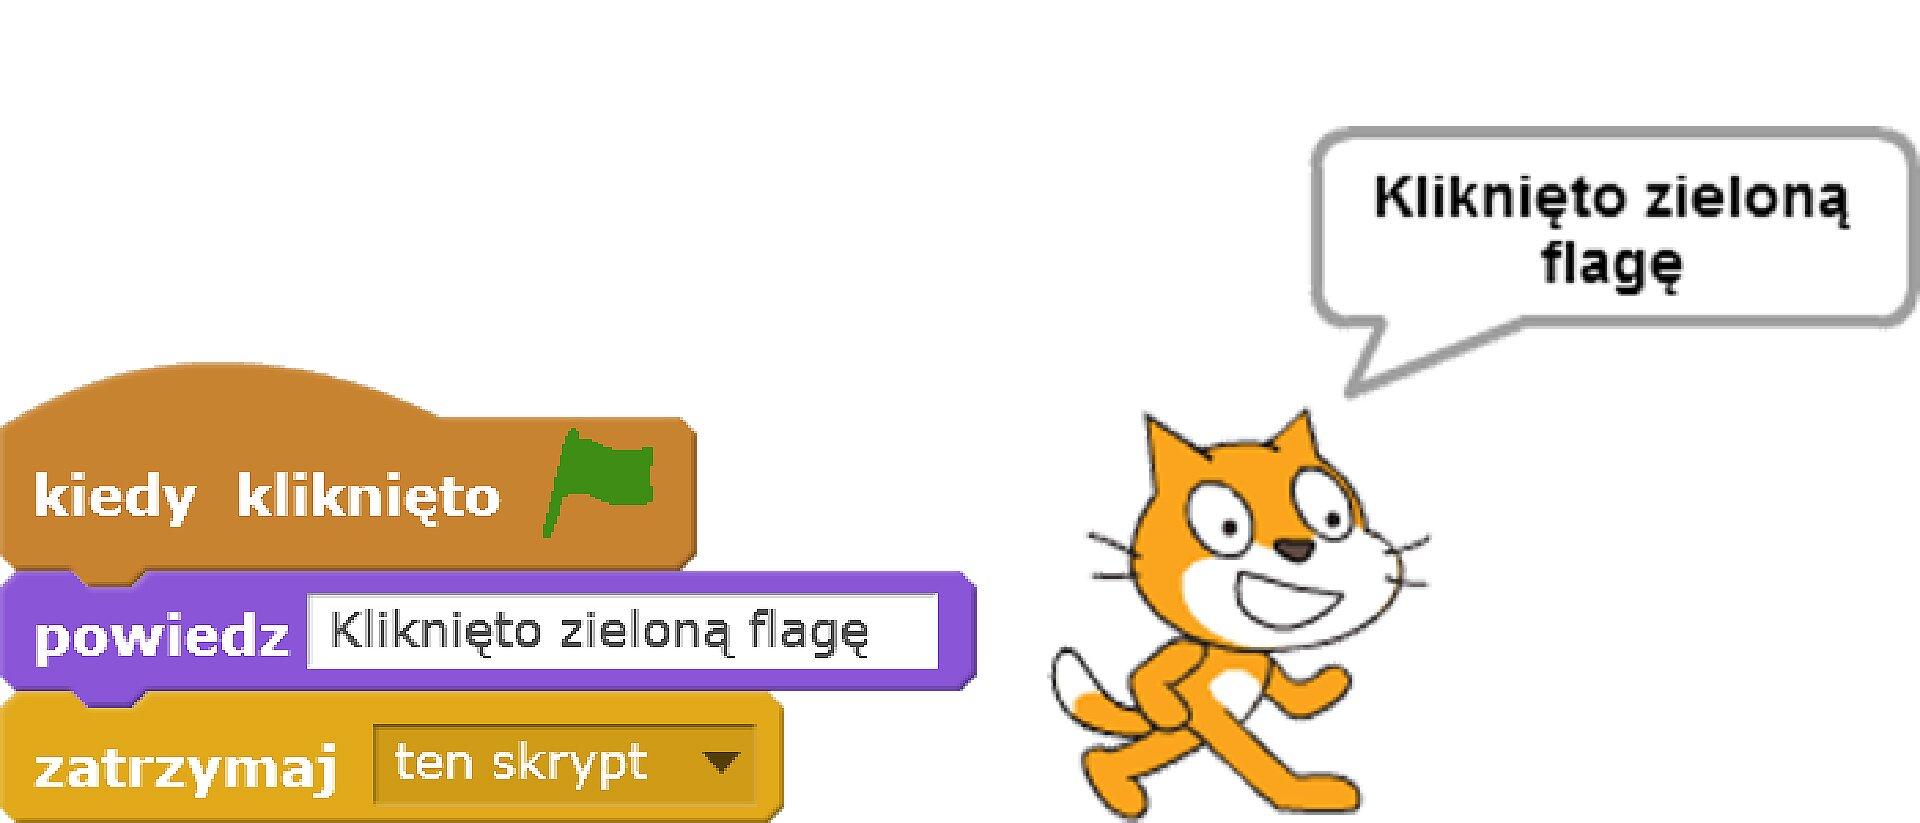 Skrypt realizyjący wyświetlenie napisu po kliknięciu zielonej flagi